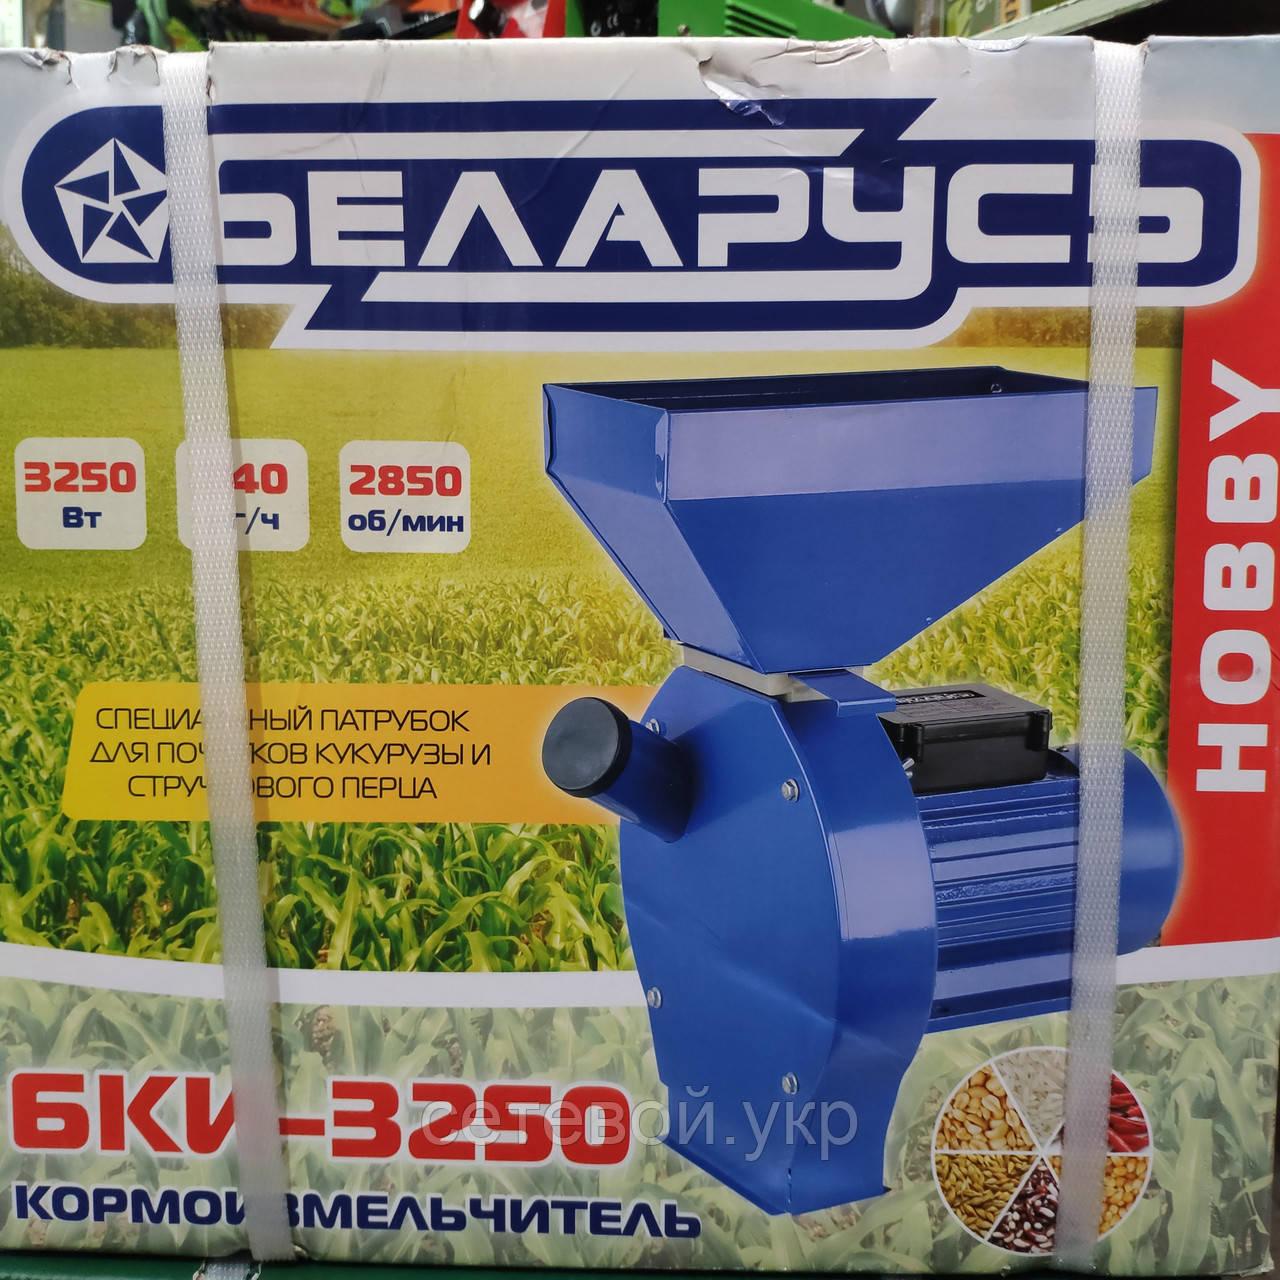 Кормоизмельчитель Зернодробилка Беларусь БКИ - 3250 Вт 240 кг в час